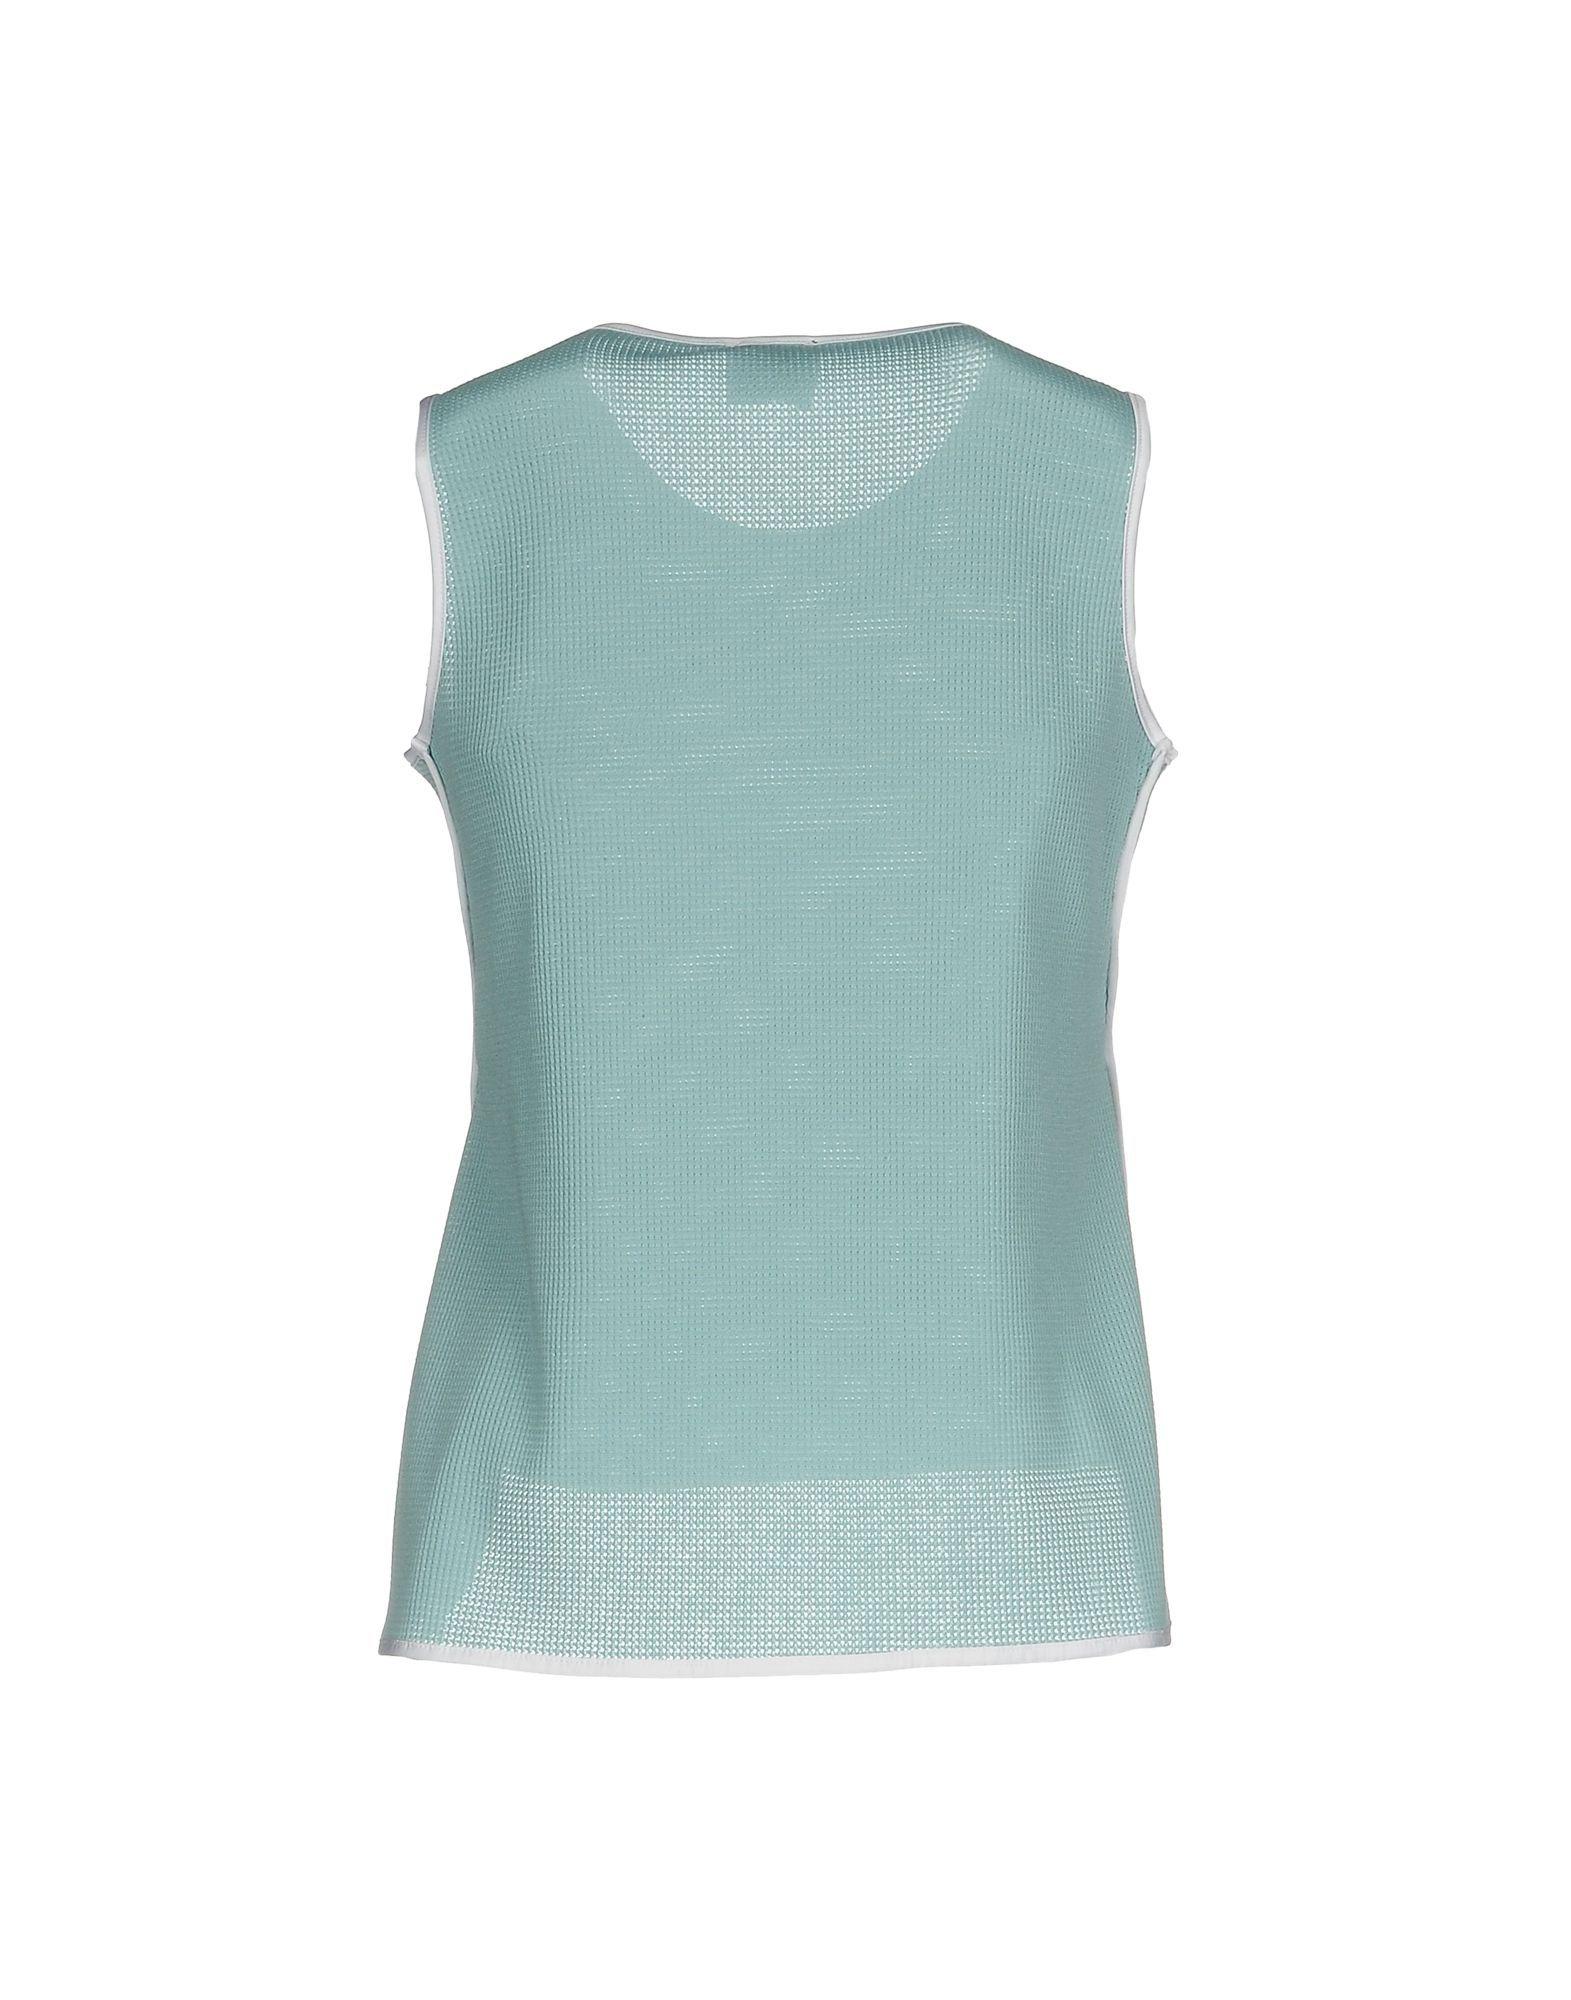 Knitwear Peter A & Chronicles Light Green Women's Cotton